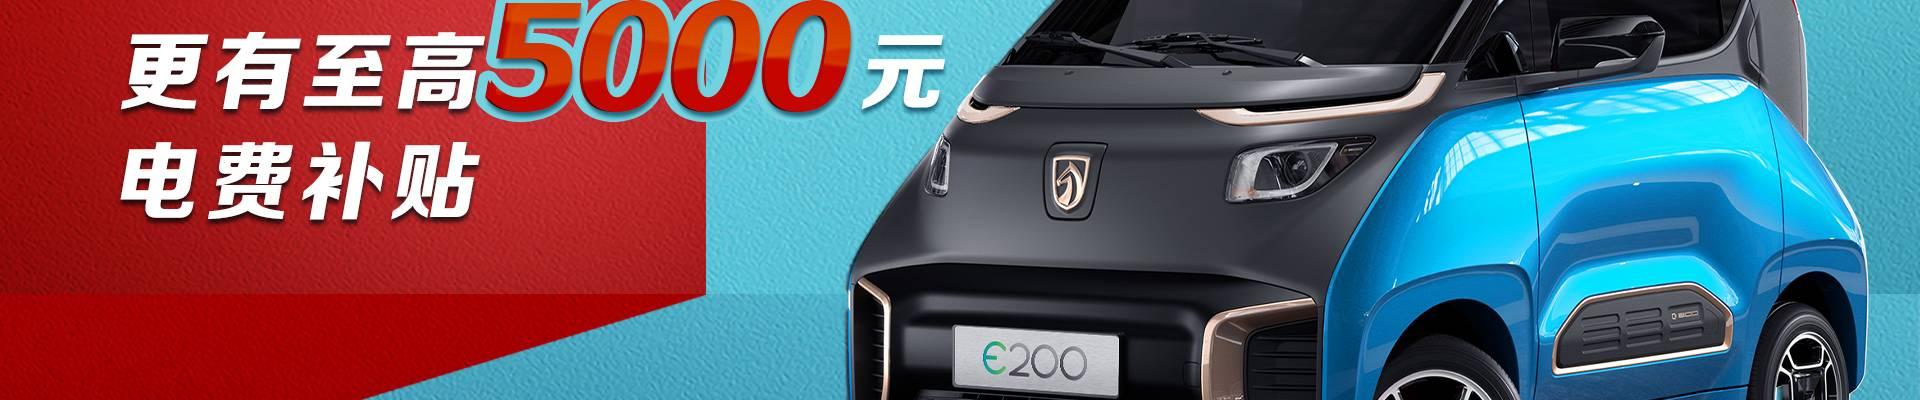 寶駿E200,電(dian)動汽(qi)車,新(xin)能源(yuan)車,價(jia)格